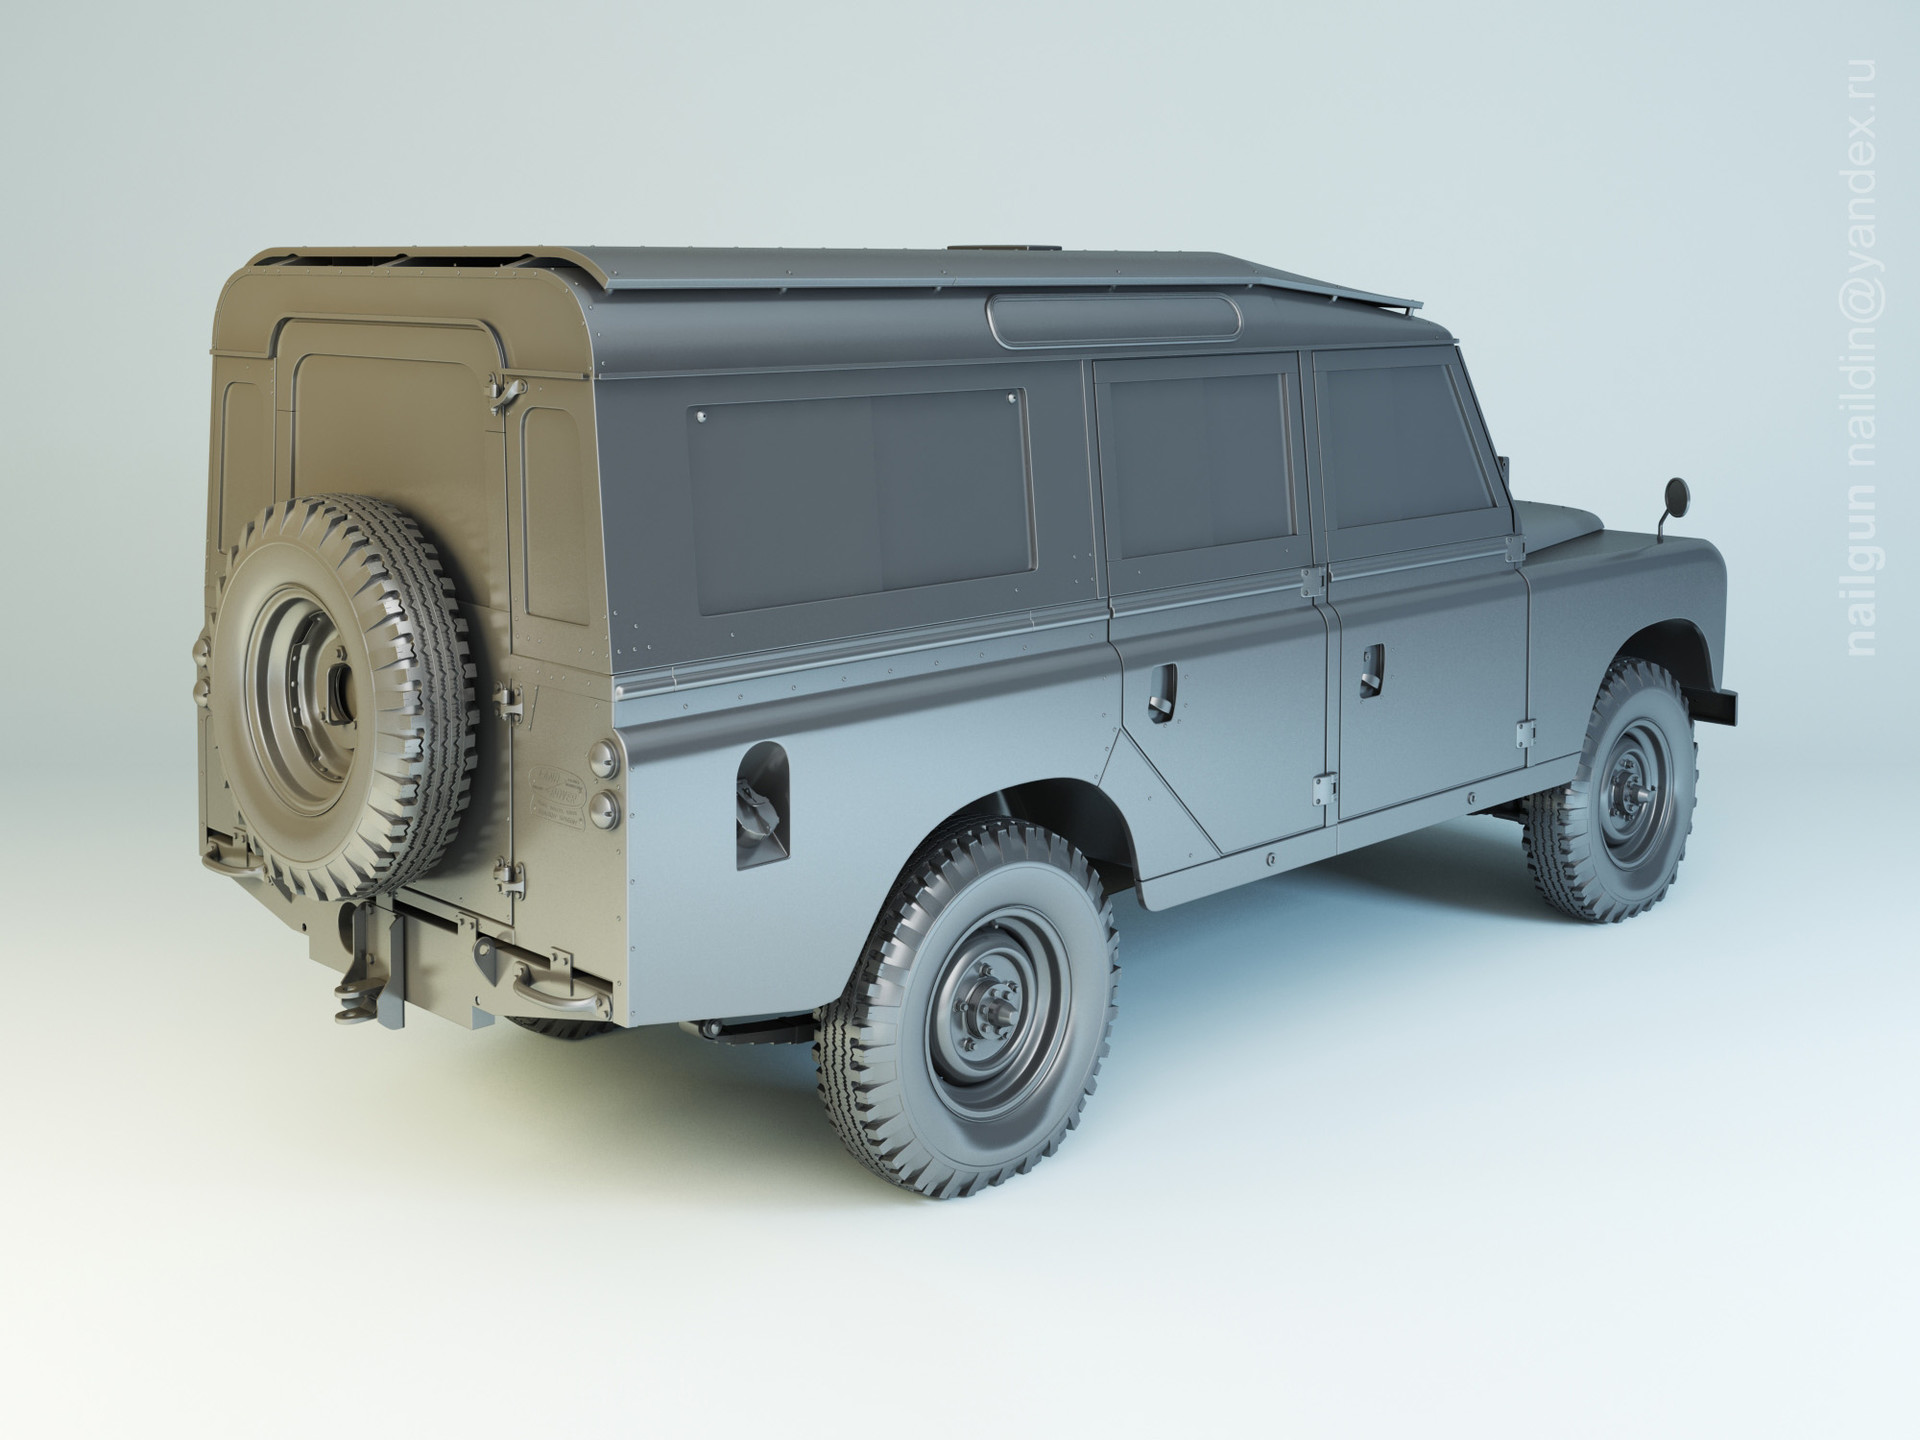 Nail khusnutdinov 005 land rover defender 109 modelling 1